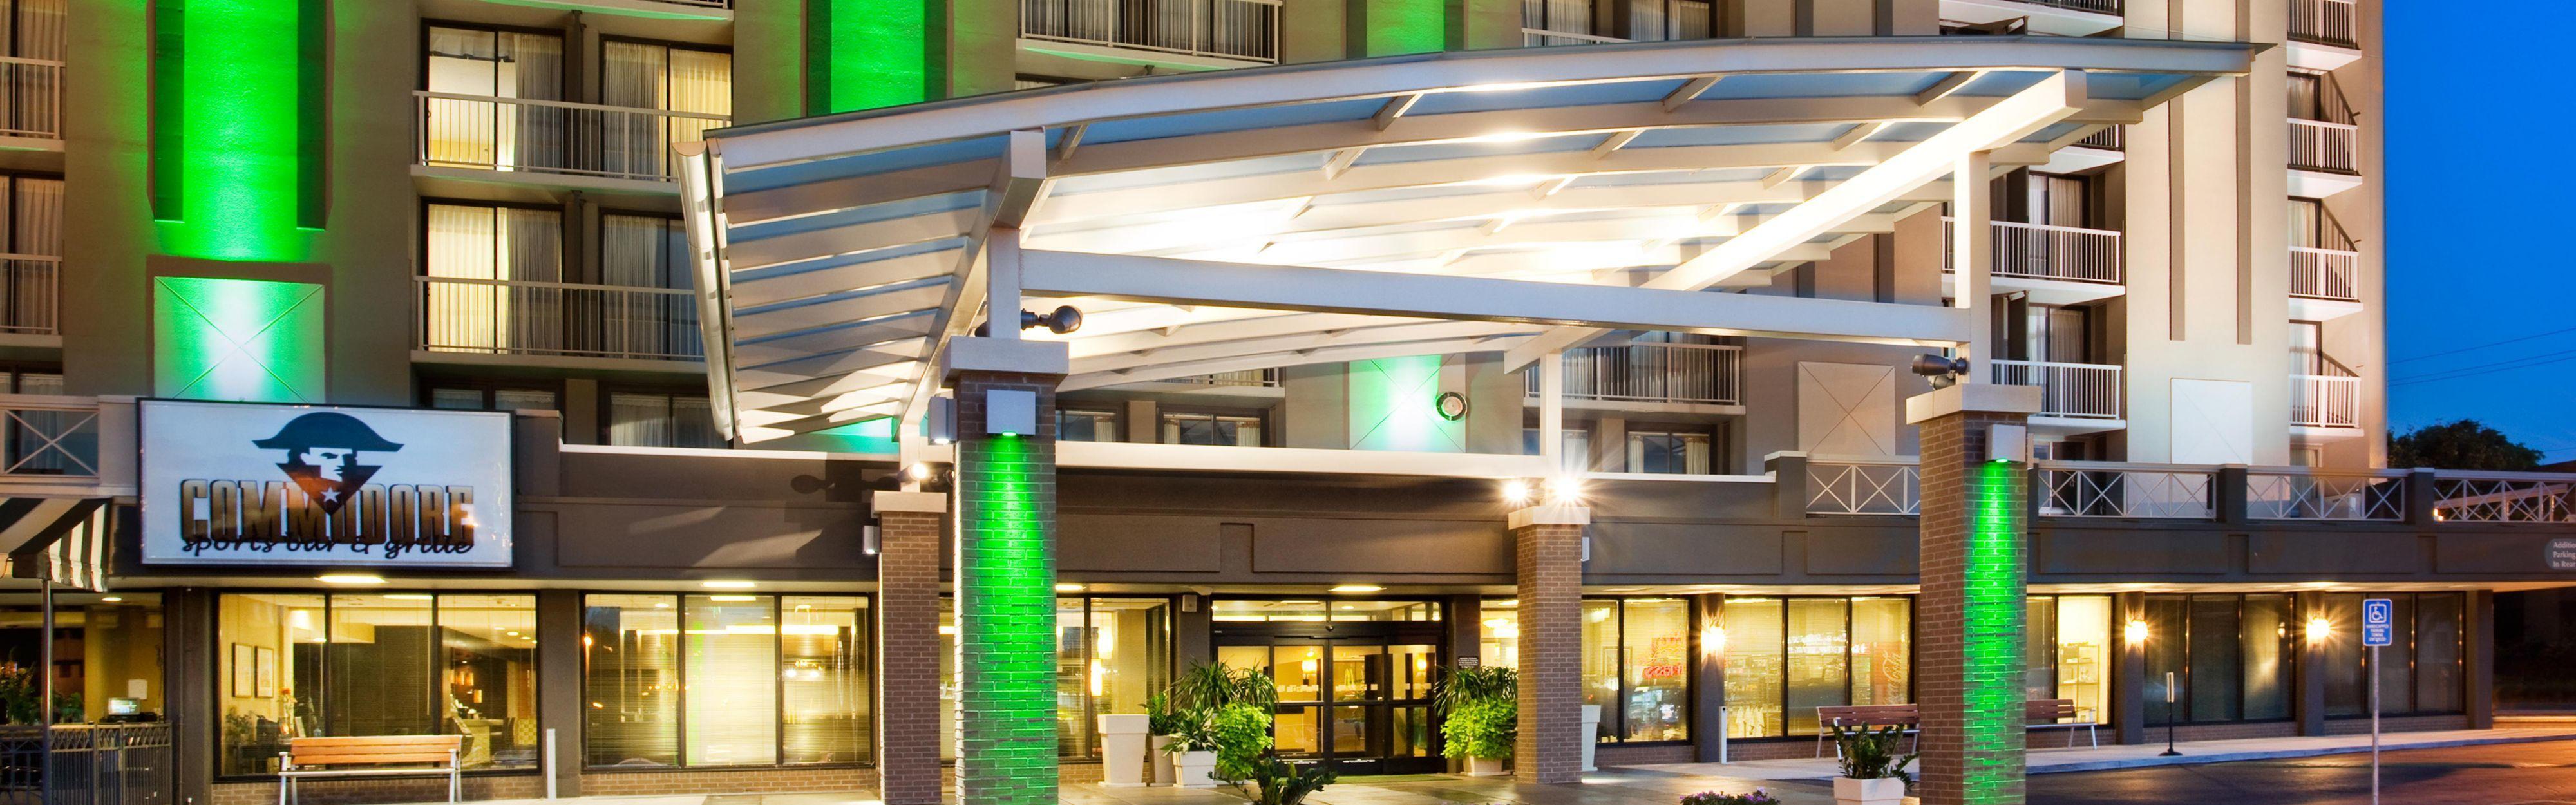 Holiday Inn Nashville-Vanderbilt (Dwtn) image 0